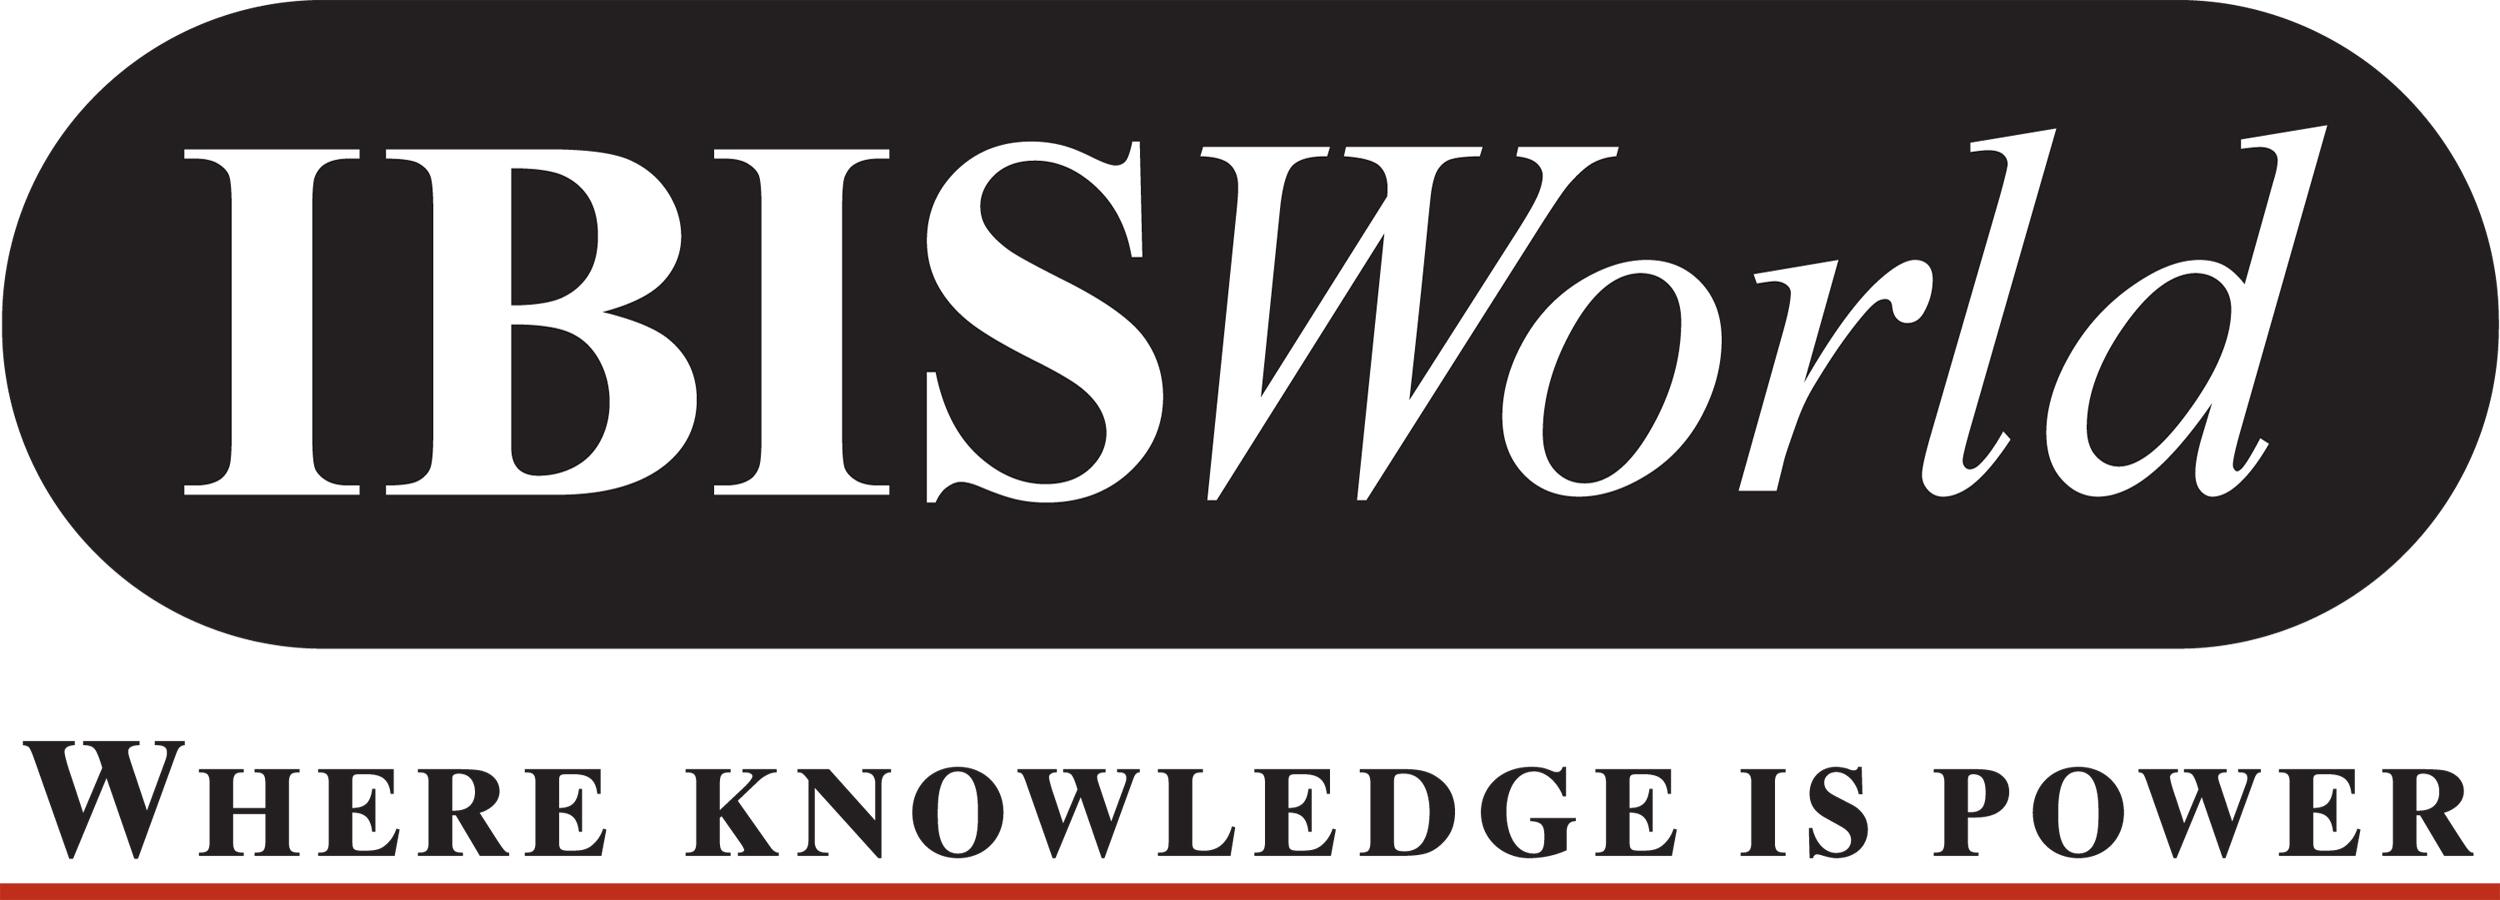 Ibis World Logo IBISWorld Has Been Updated